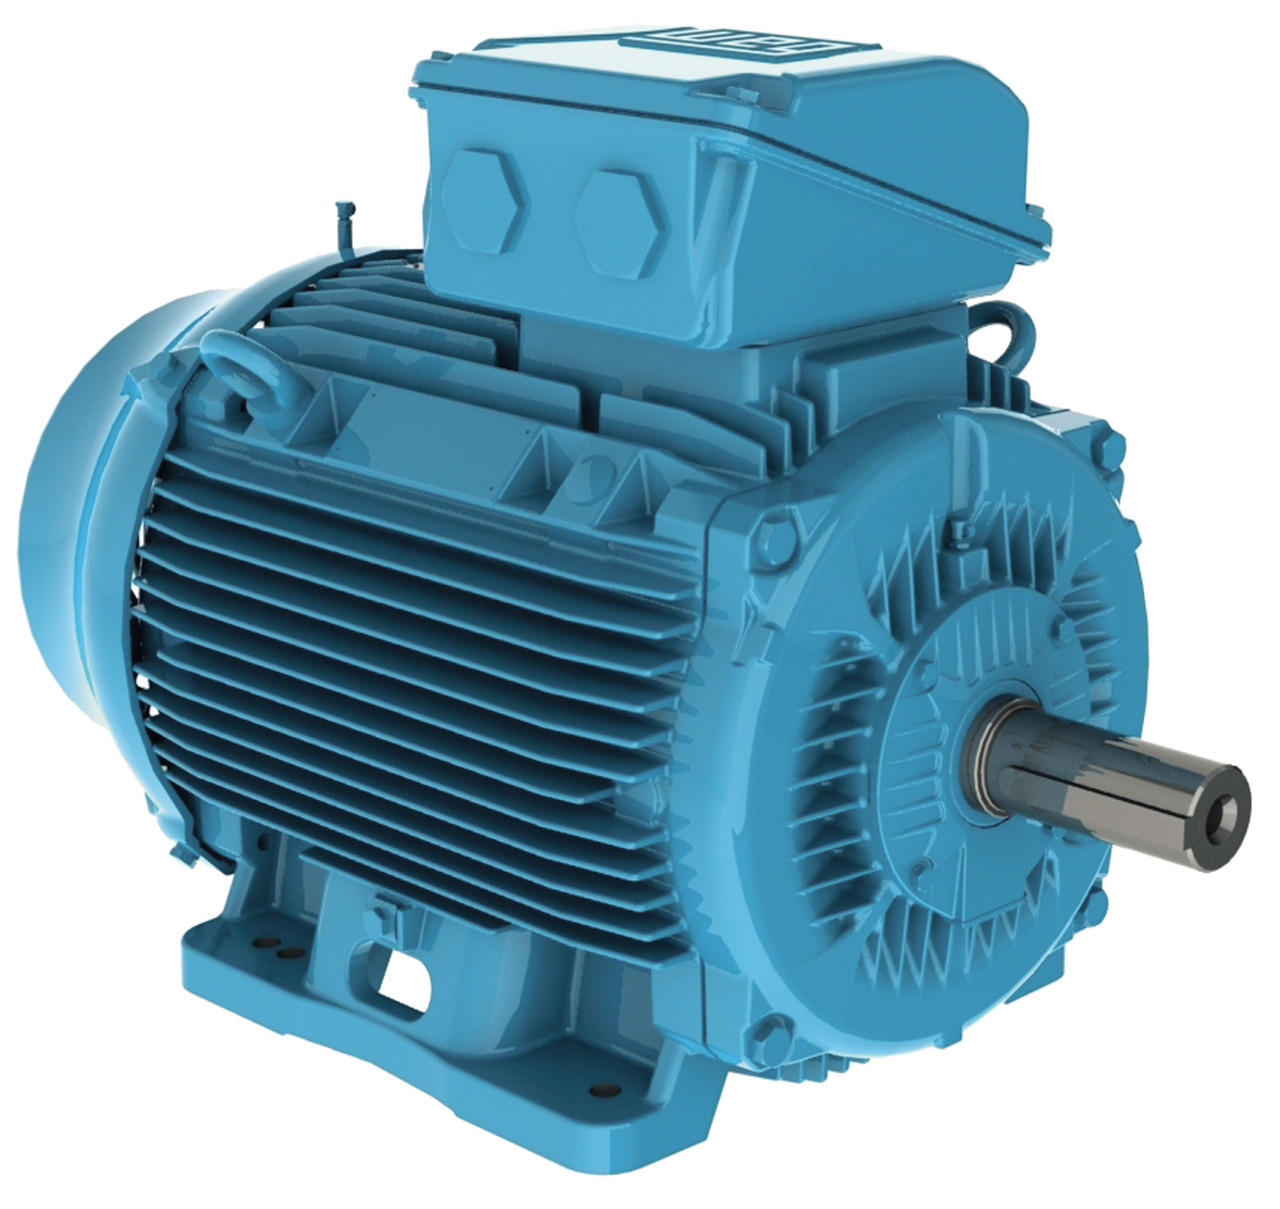 Электродвигатель W22-100L 3kw 4Pol B35T, 220-240/380-415, 50Hz, IE1, IP55, Std